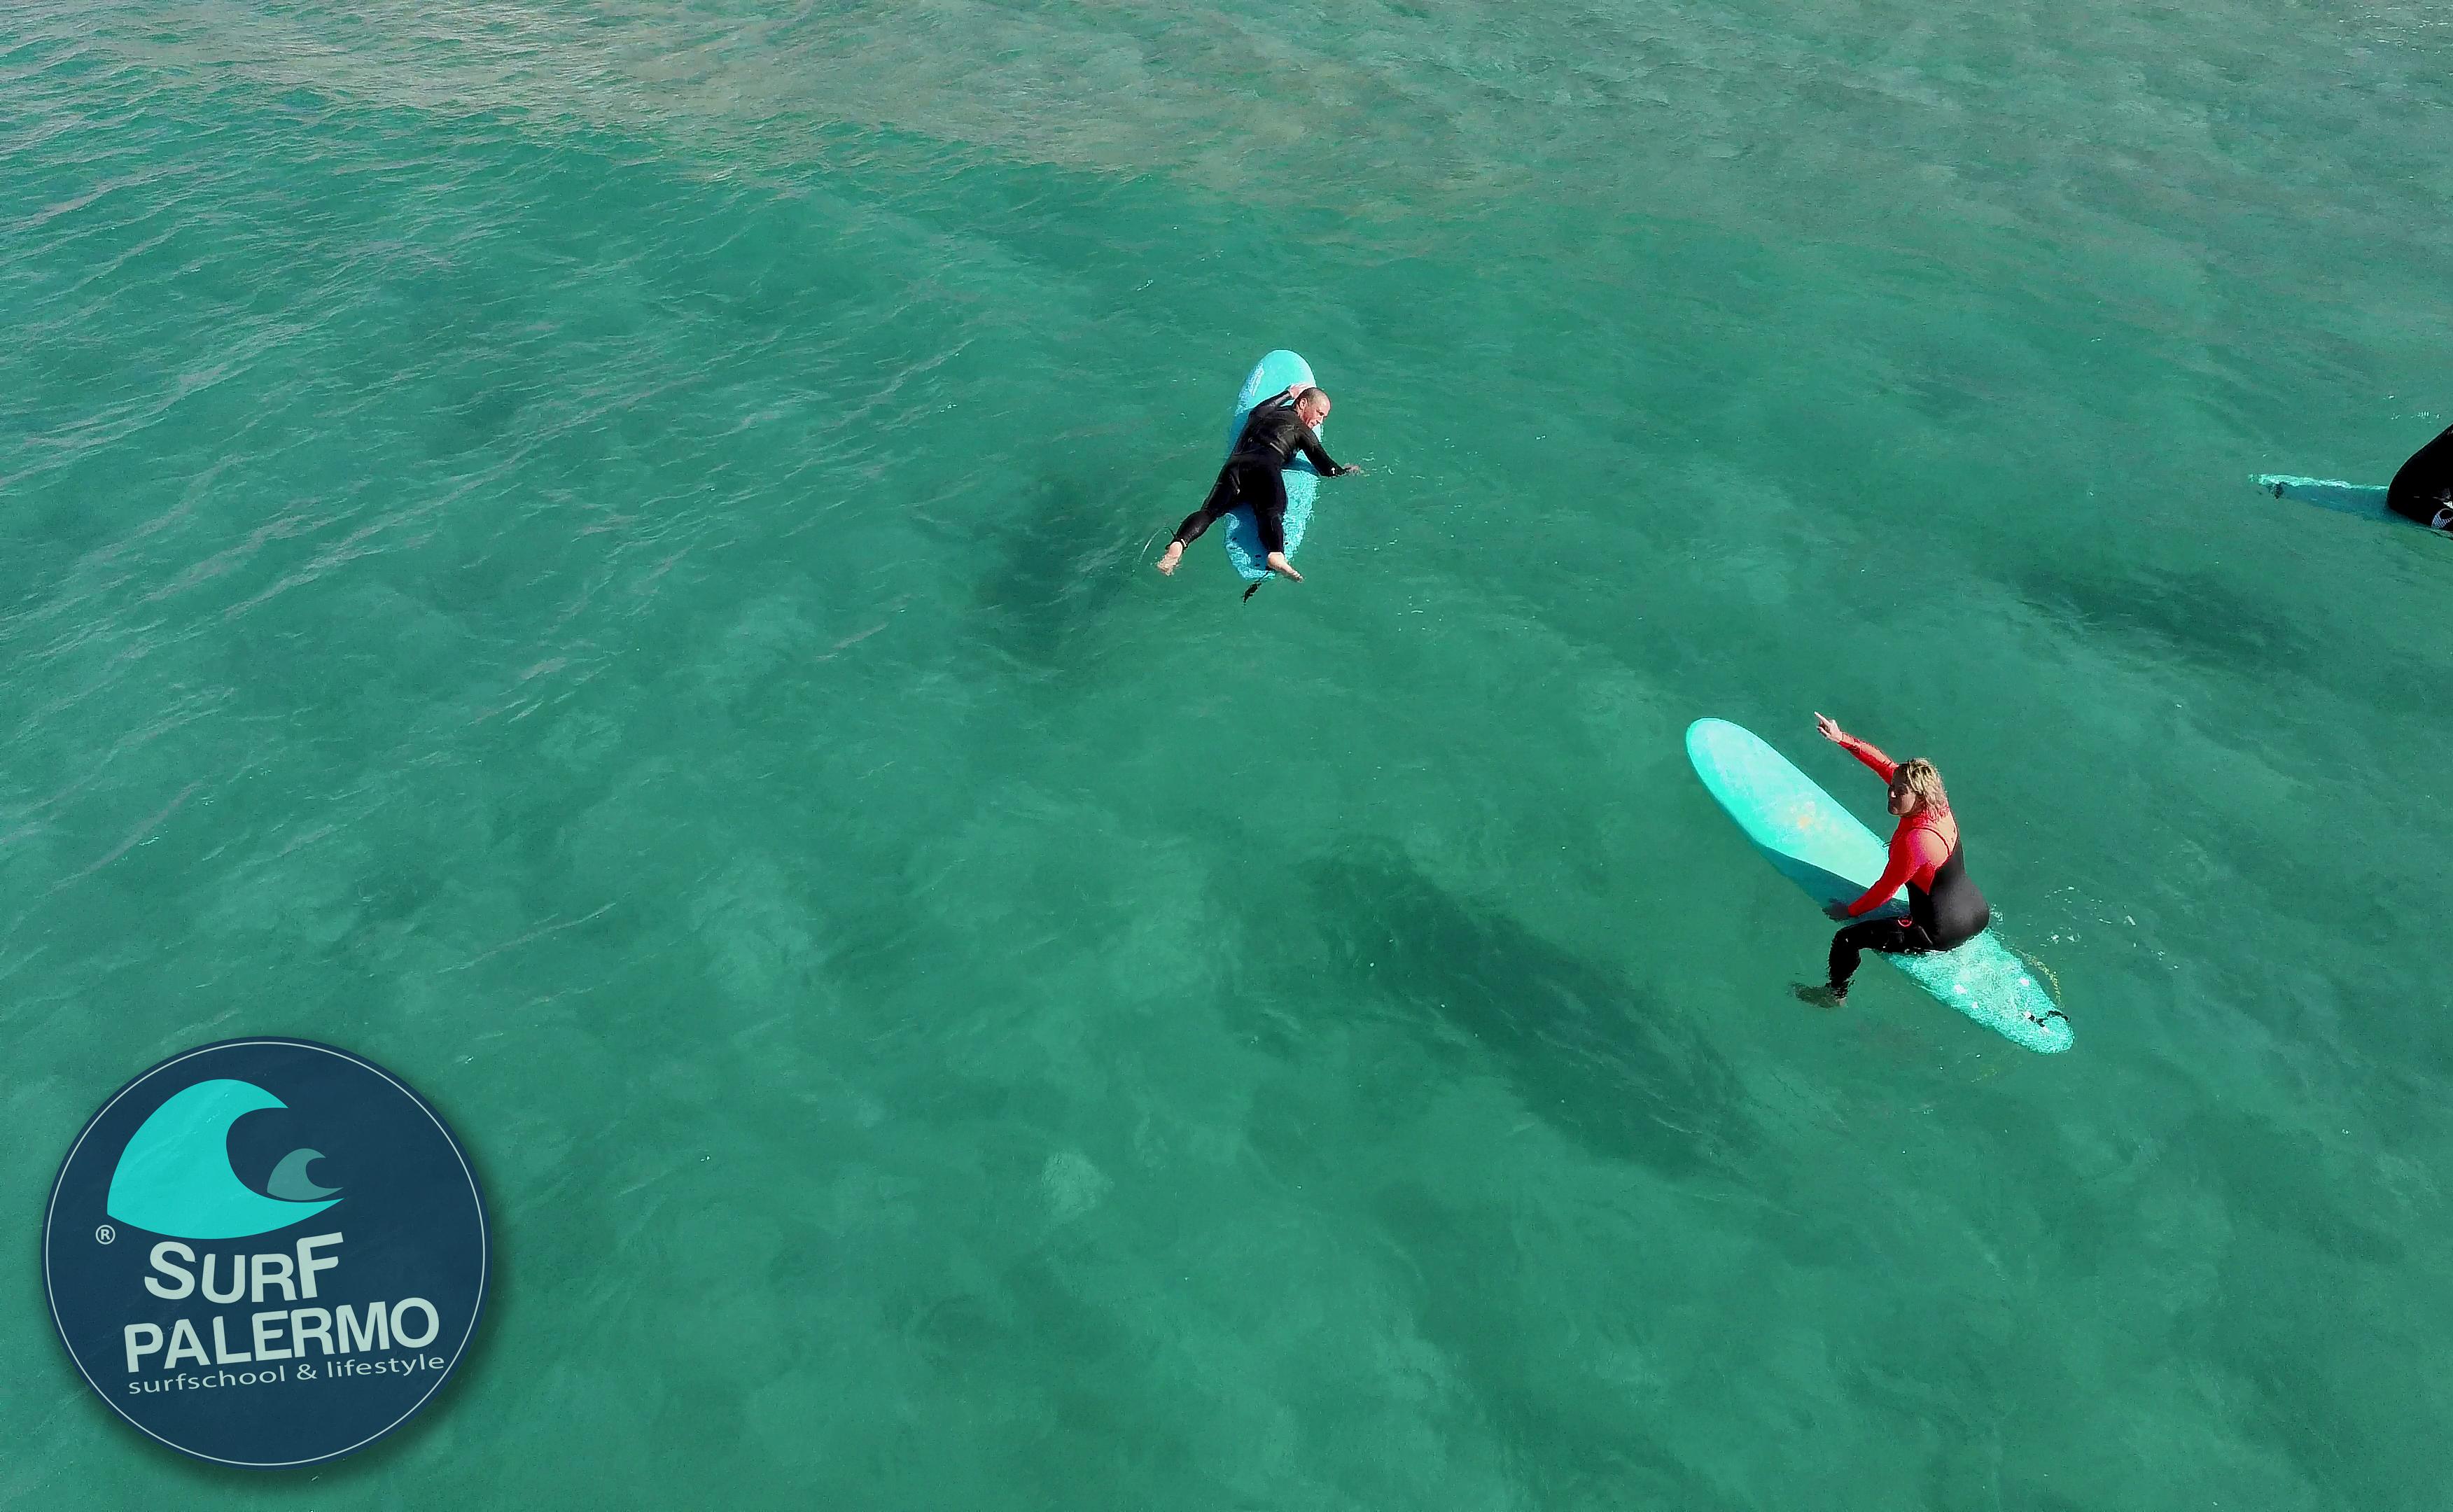 Surf Palermo - A natale regala il surf!